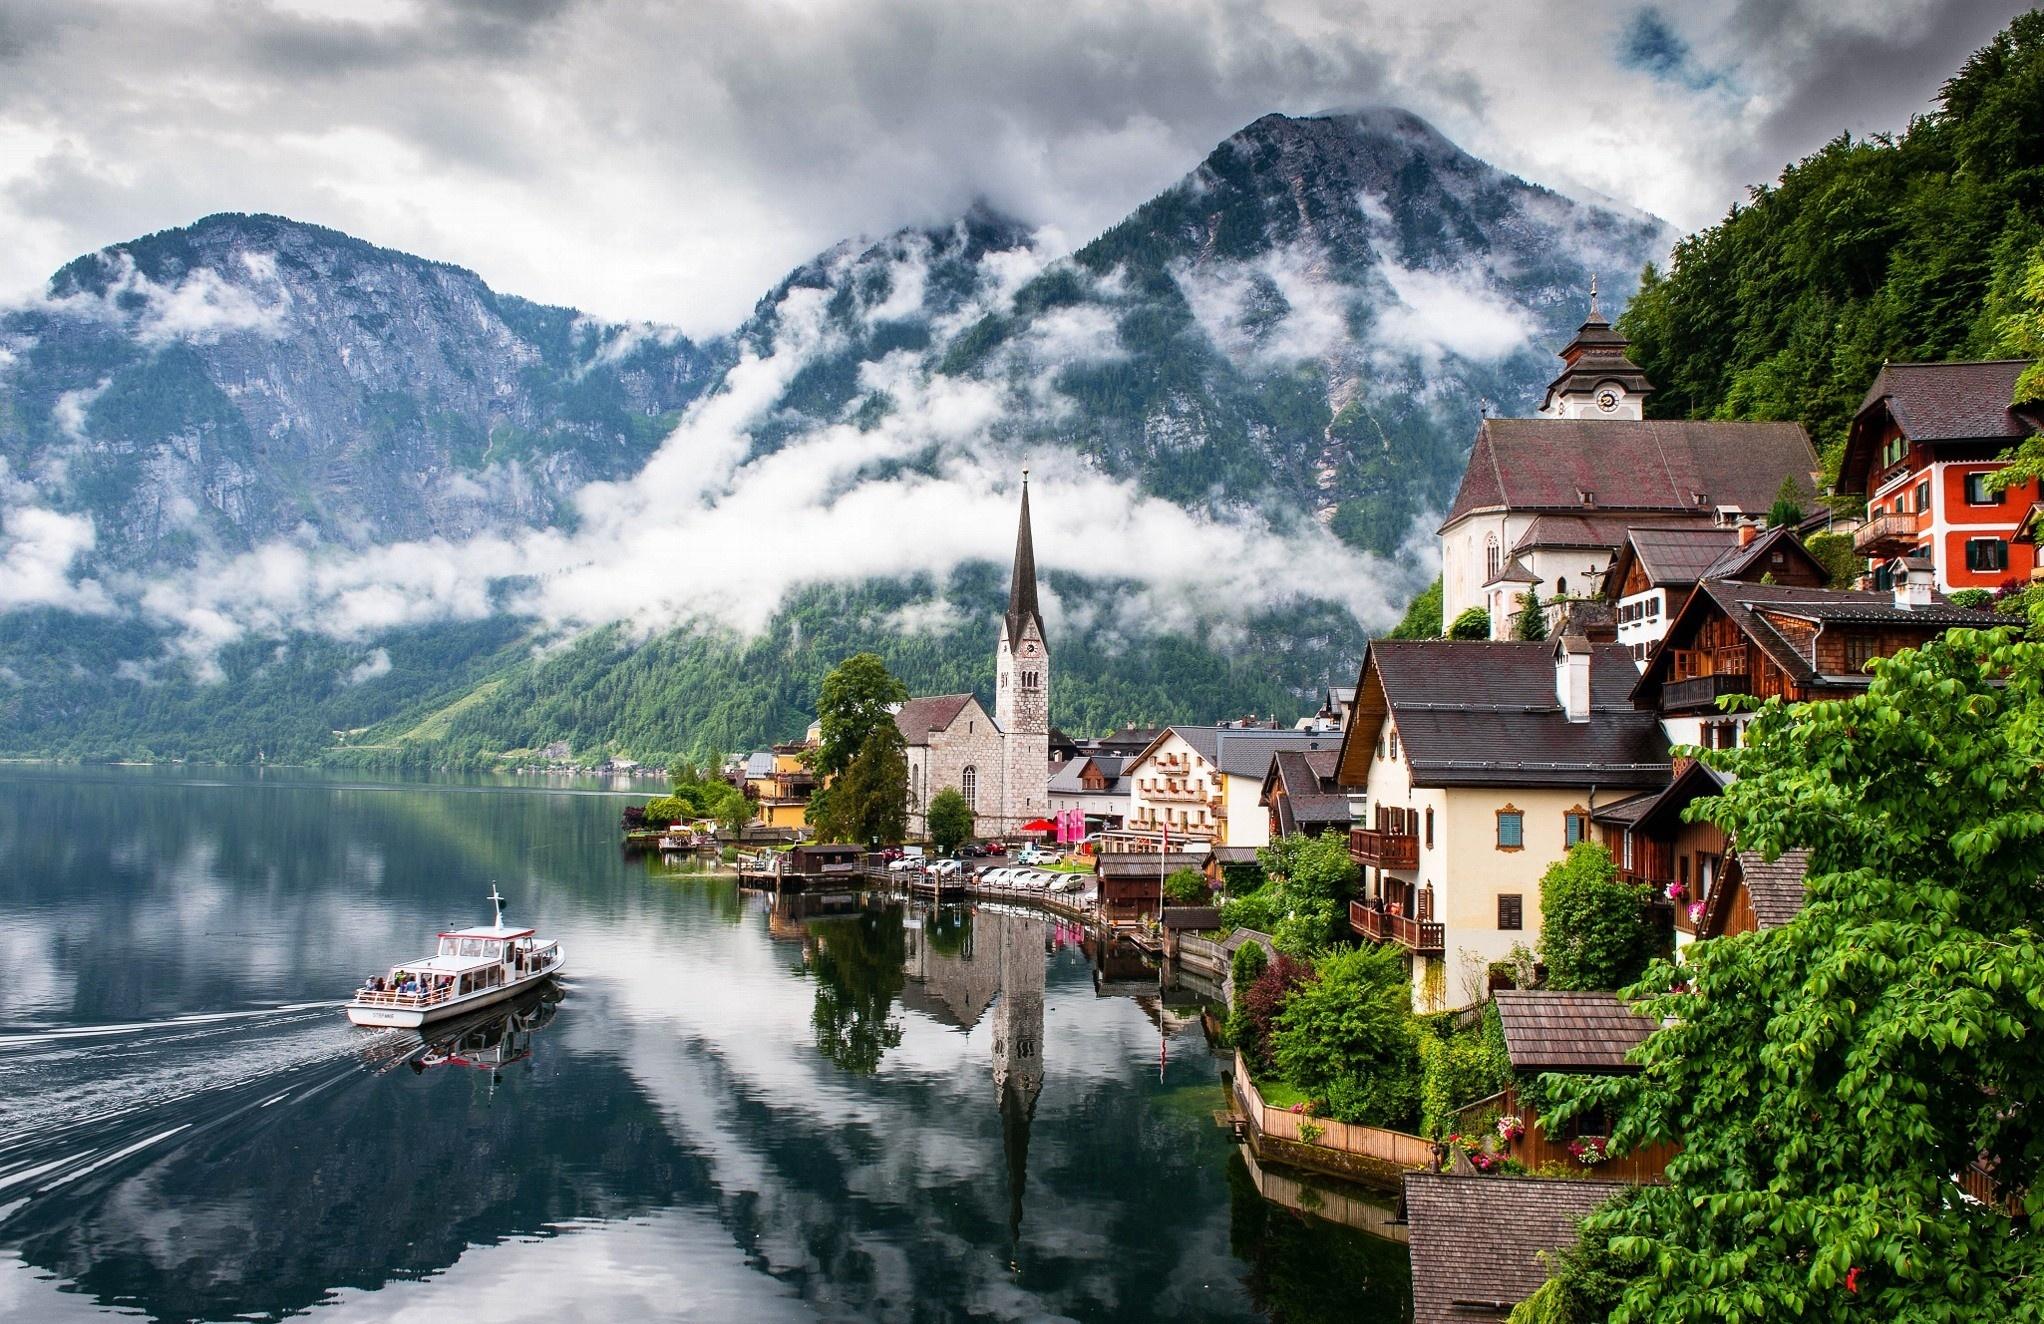 города, туман, Австрия, вода, природа, горы